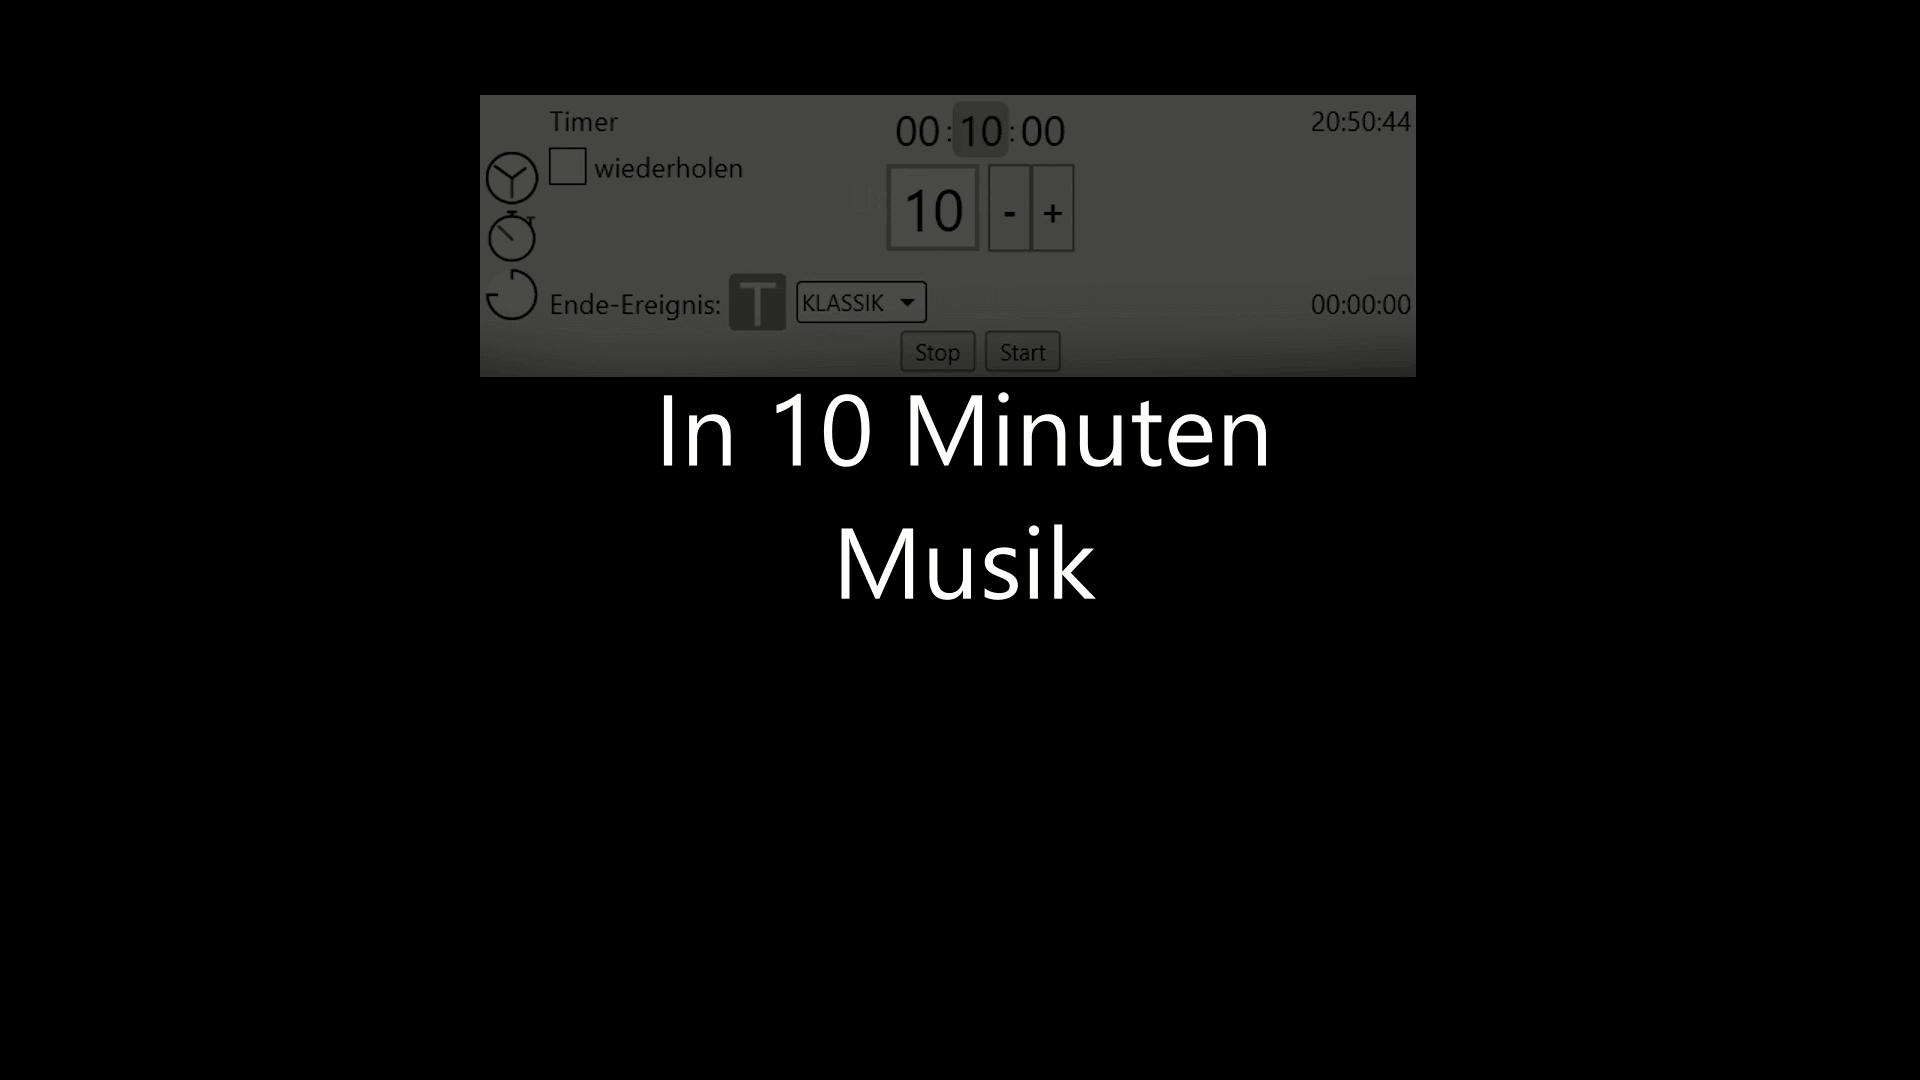 Timer - In 10 Minuten Musik abspielen